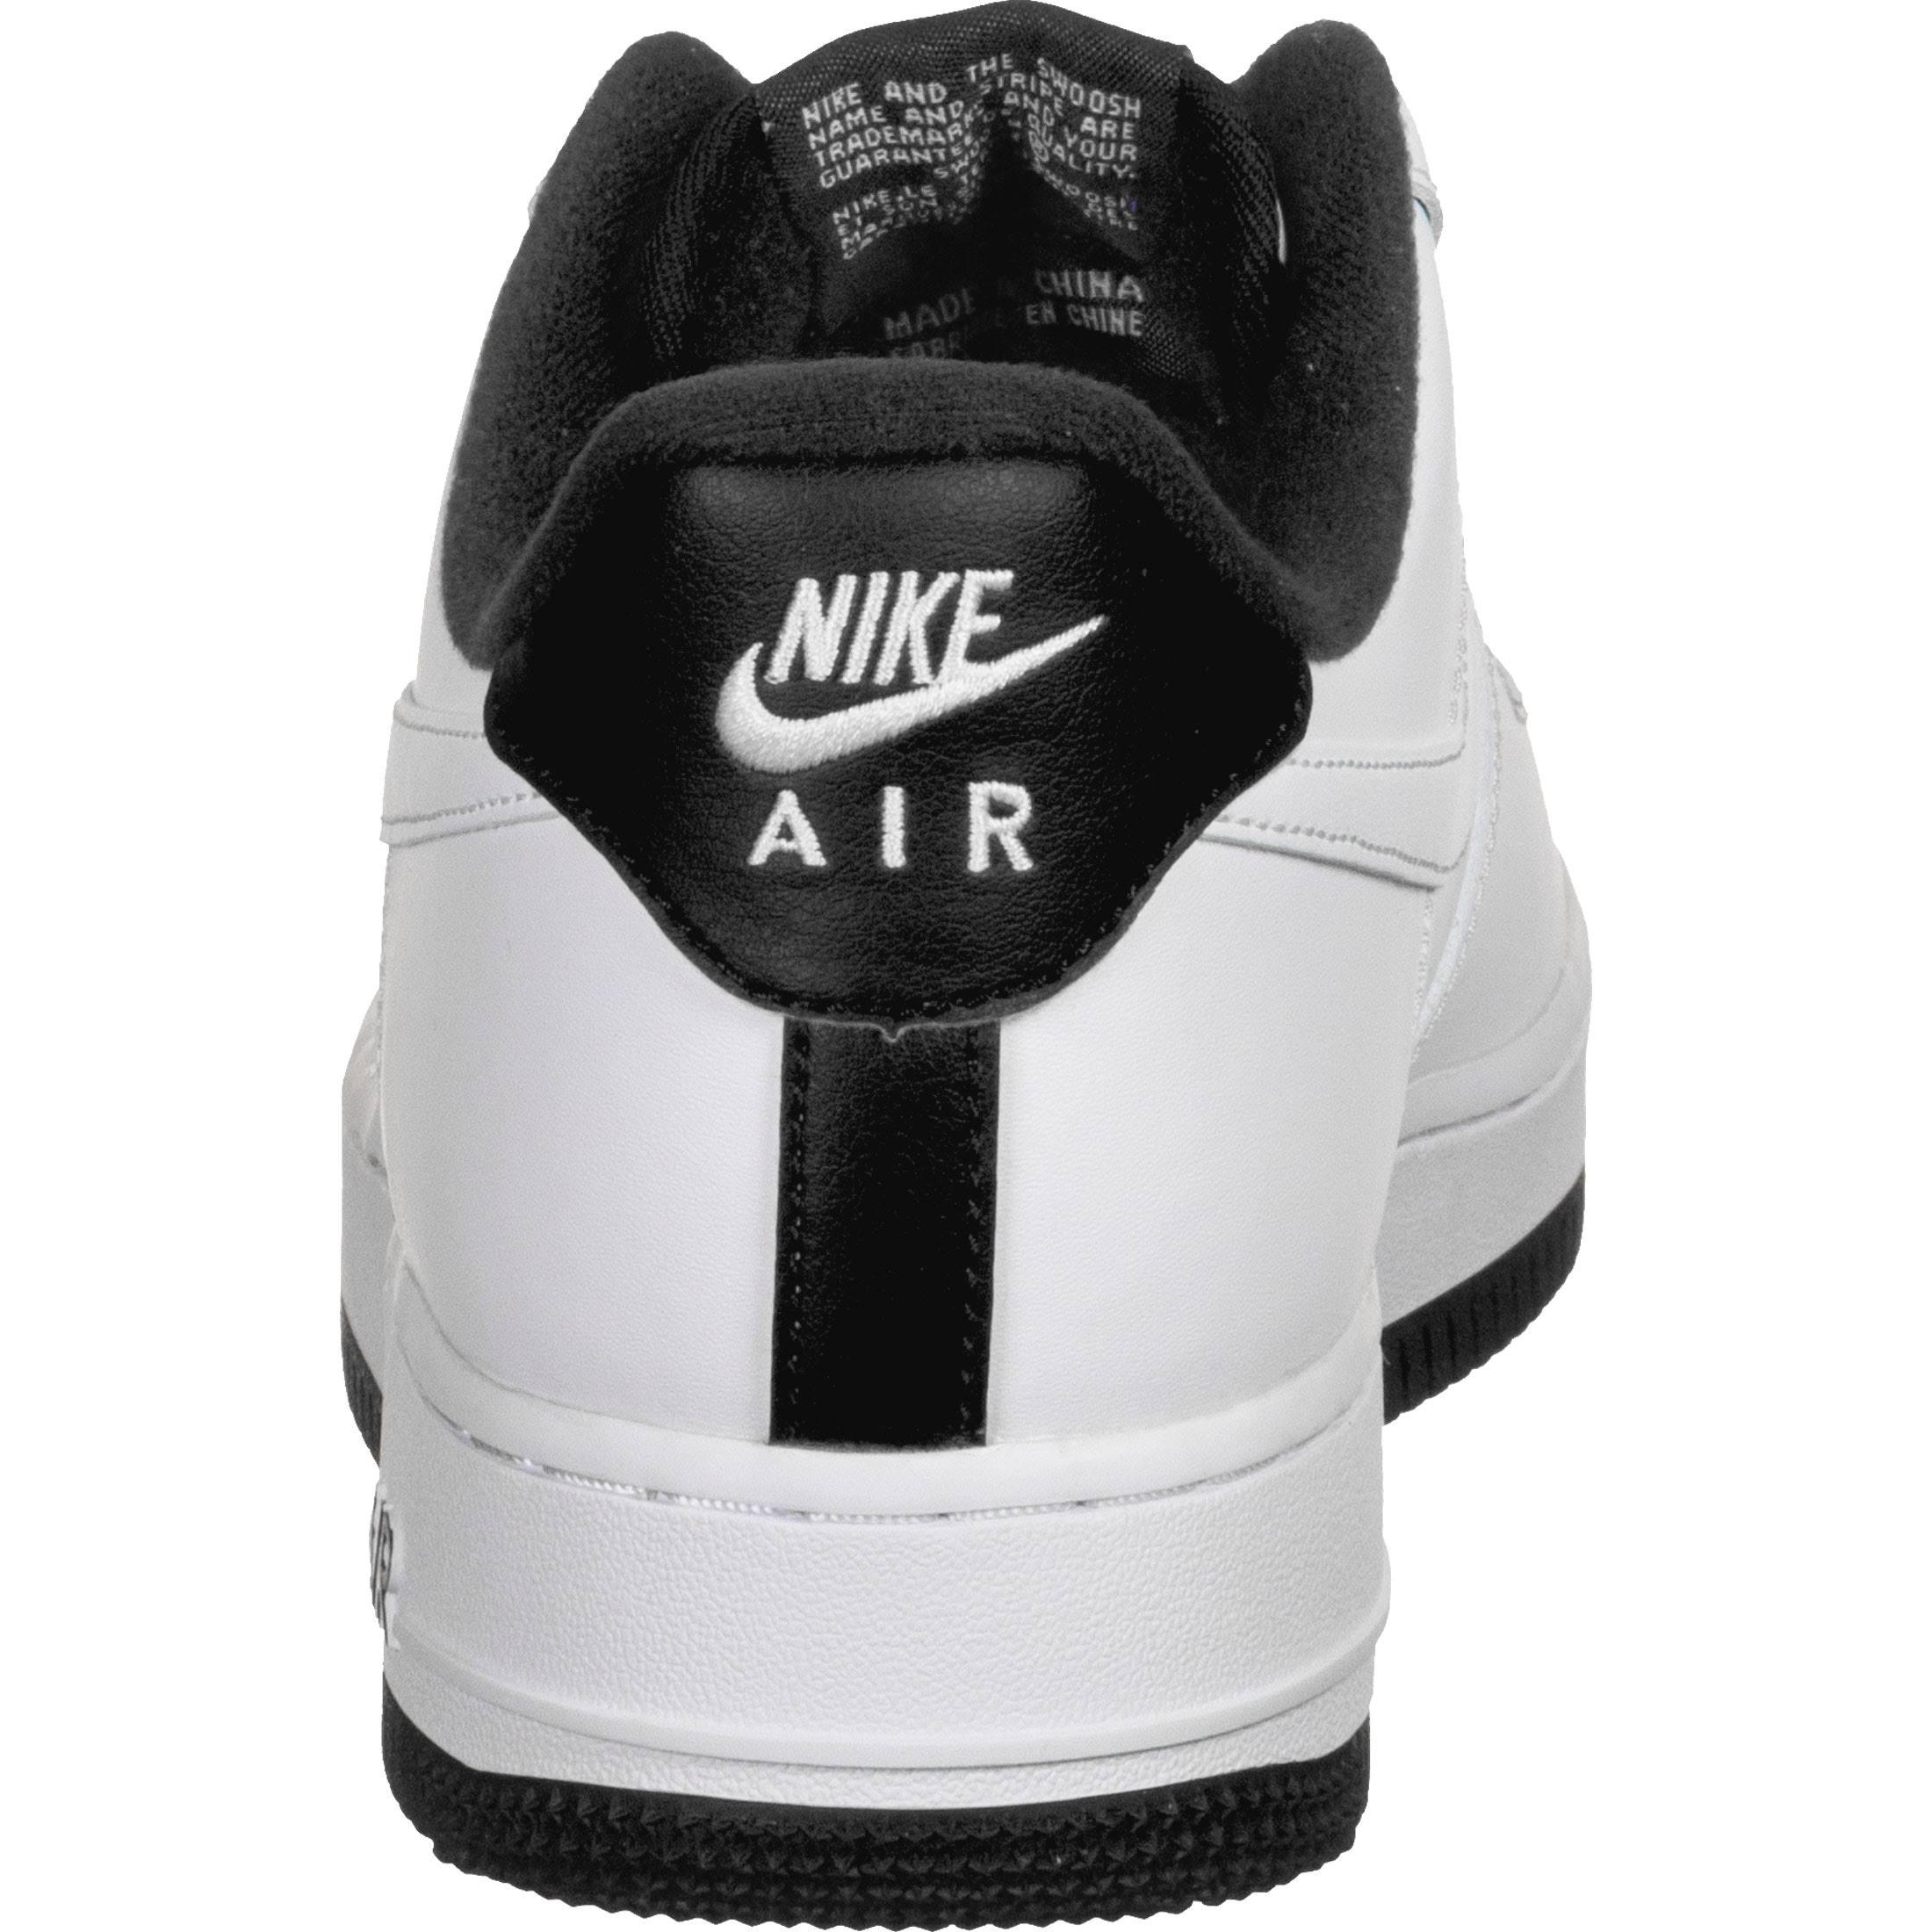 Nike Air Force 1 07 Bianco Nero